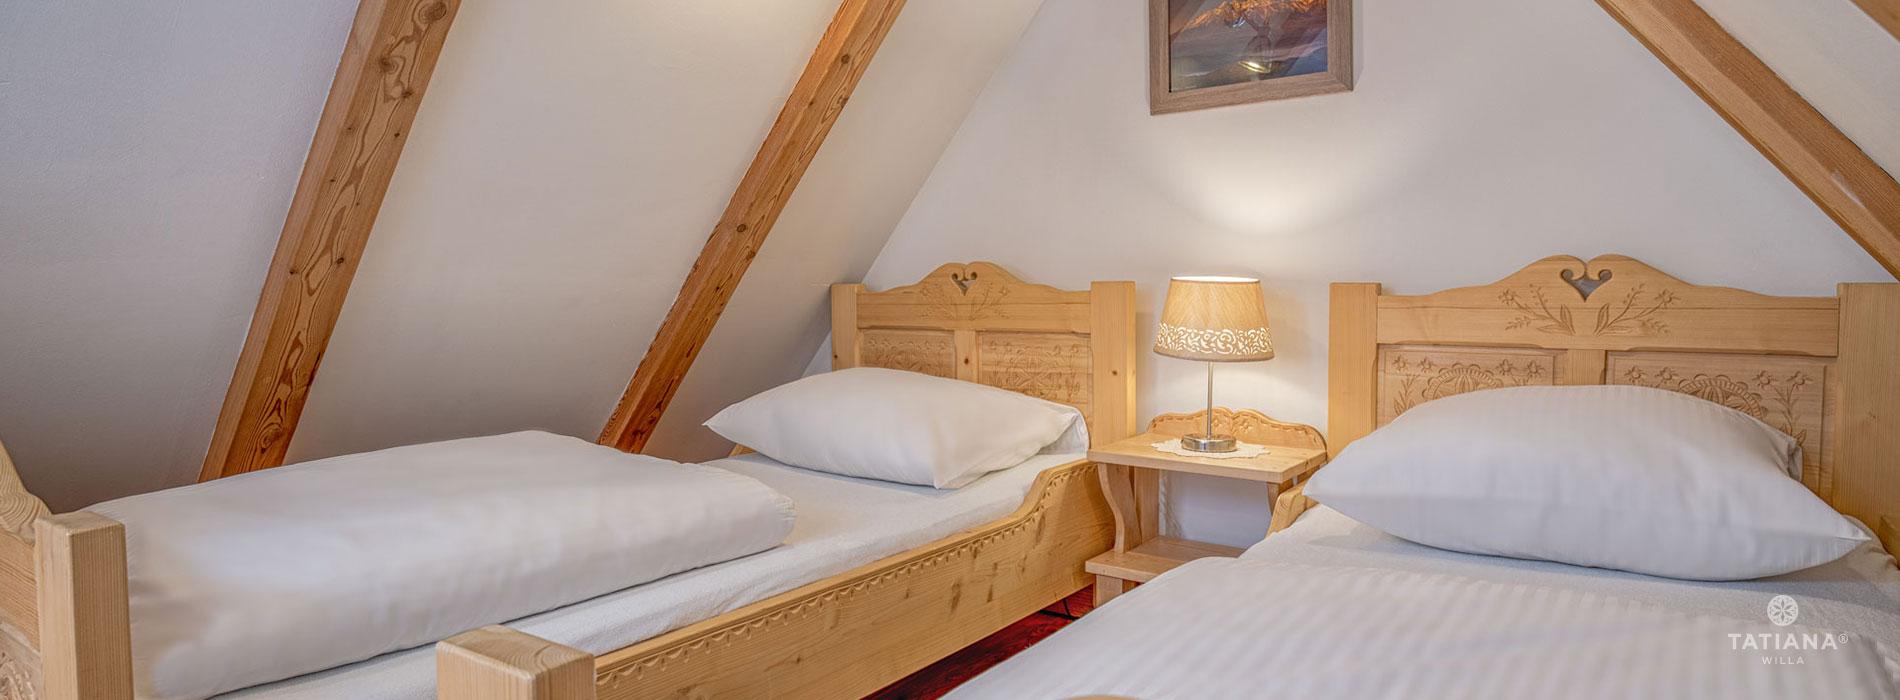 Apartment Premium 9 - Second bedroom